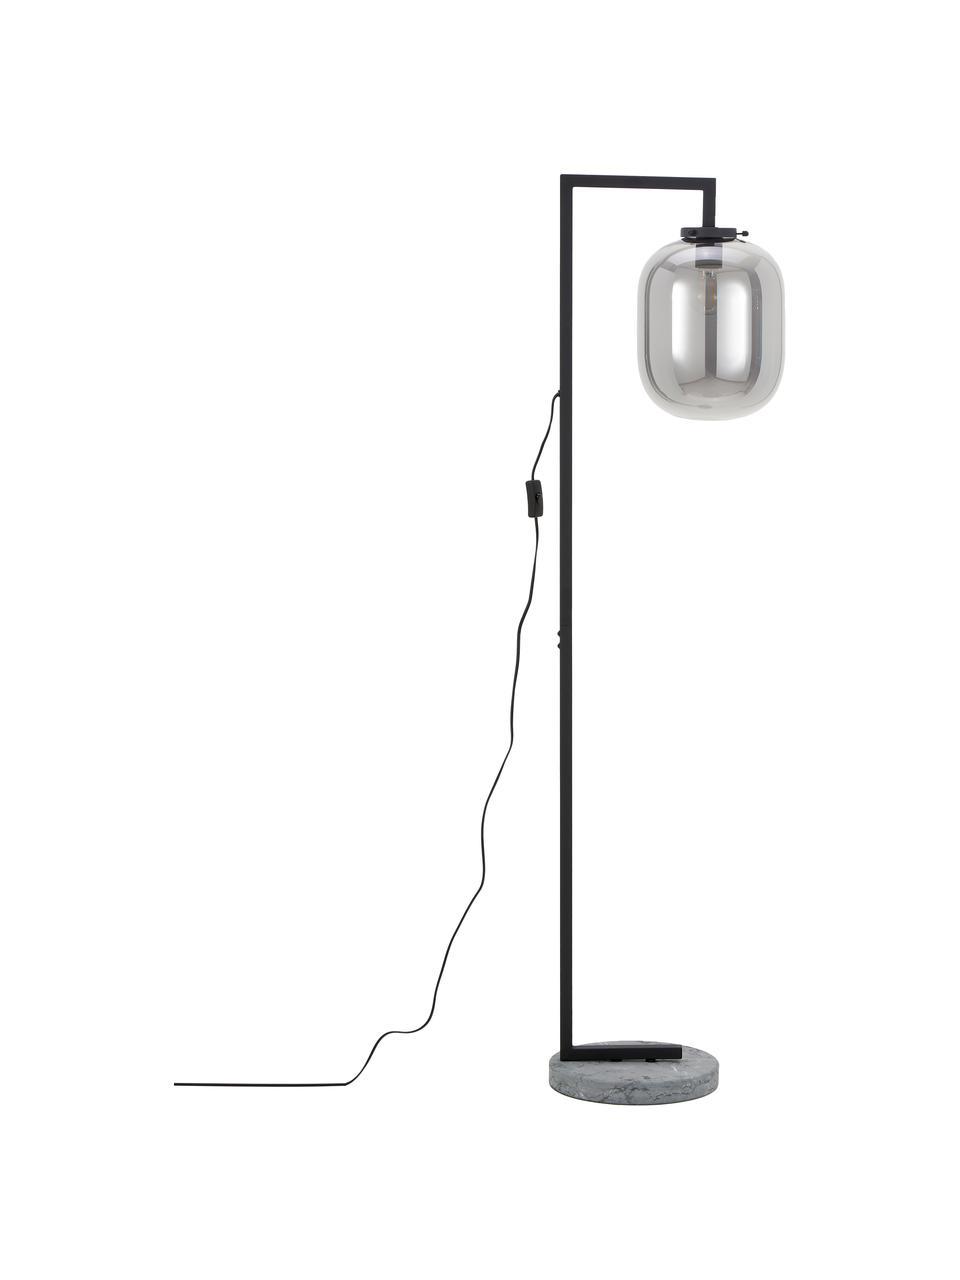 Vloerlamp Leola van marmer en spiegelglas, Lampenkap: verspiegeld glas, Frame: gelakt metaal, Lampvoet: marmer, Chroomkleurig, zwart, 38 x 150 cm